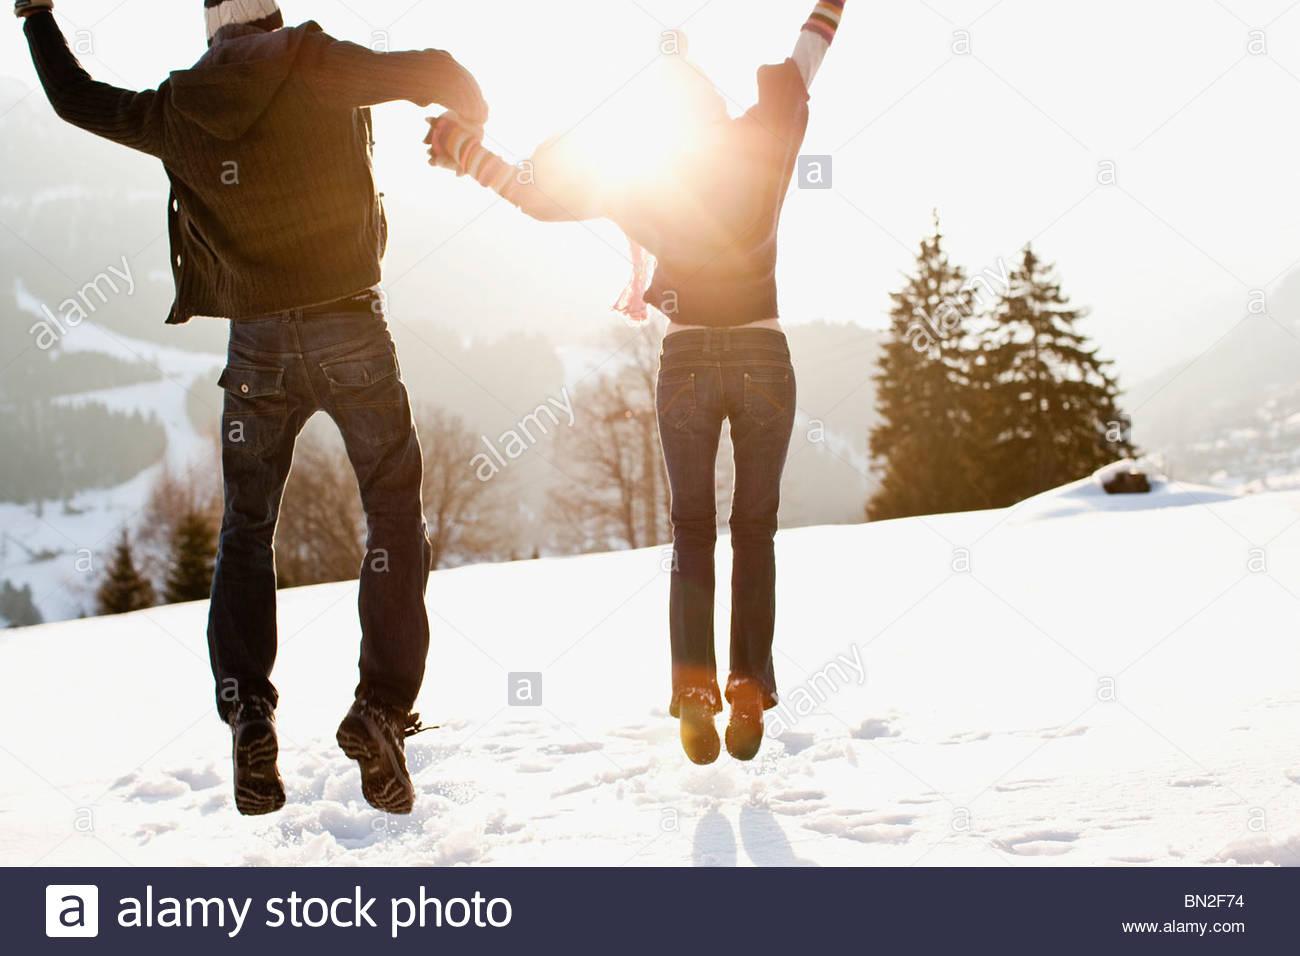 Casal pulando no exterior em neve Imagens de Stock